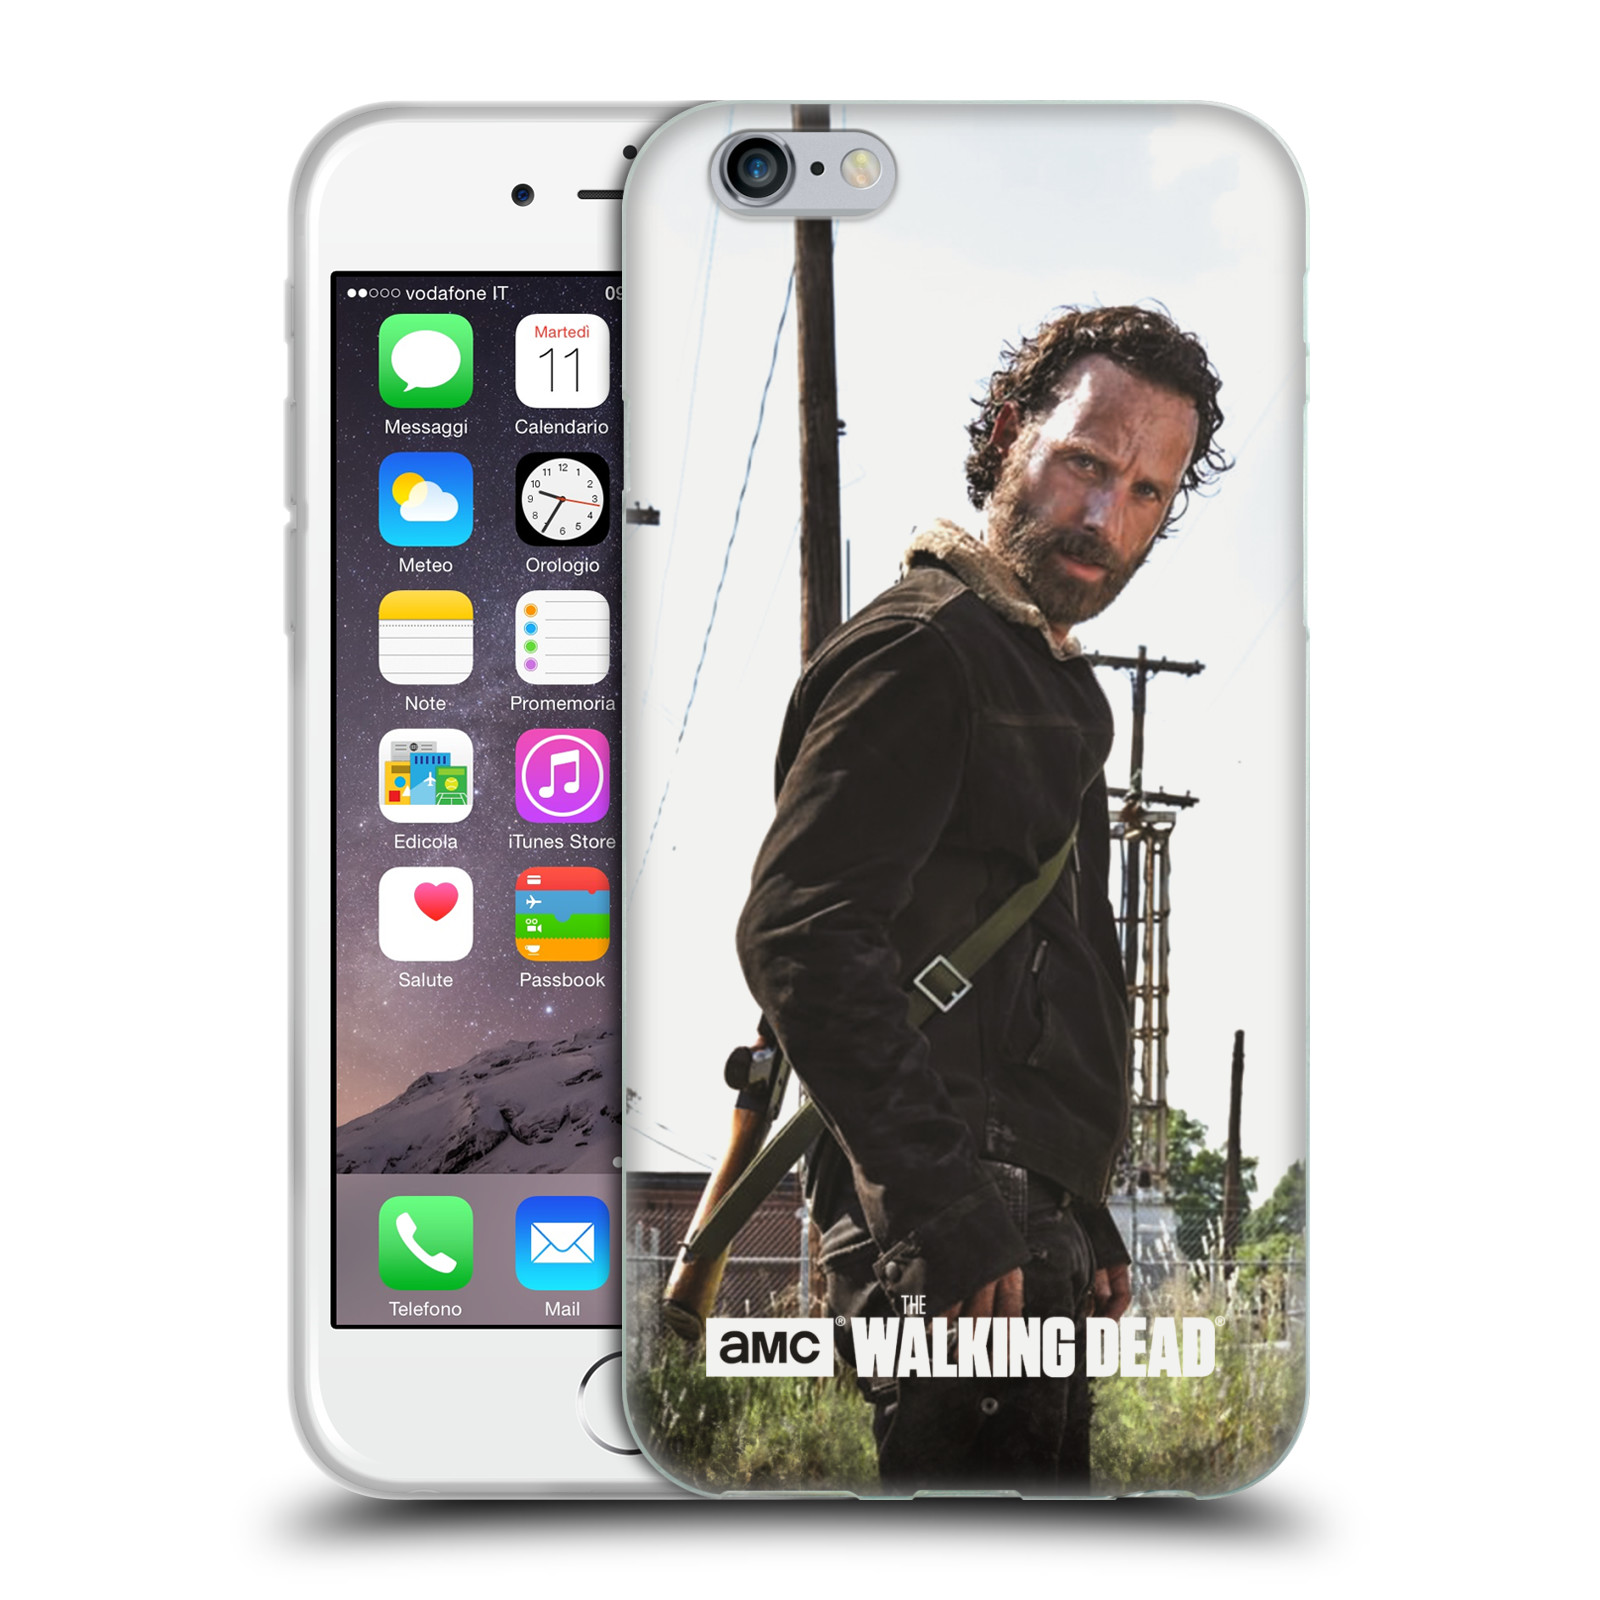 HEAD CASE silikonový obal na mobil Apple Iphone 6 / 6S originální potisk Walking Dead postavy v akci RICK se zbraní